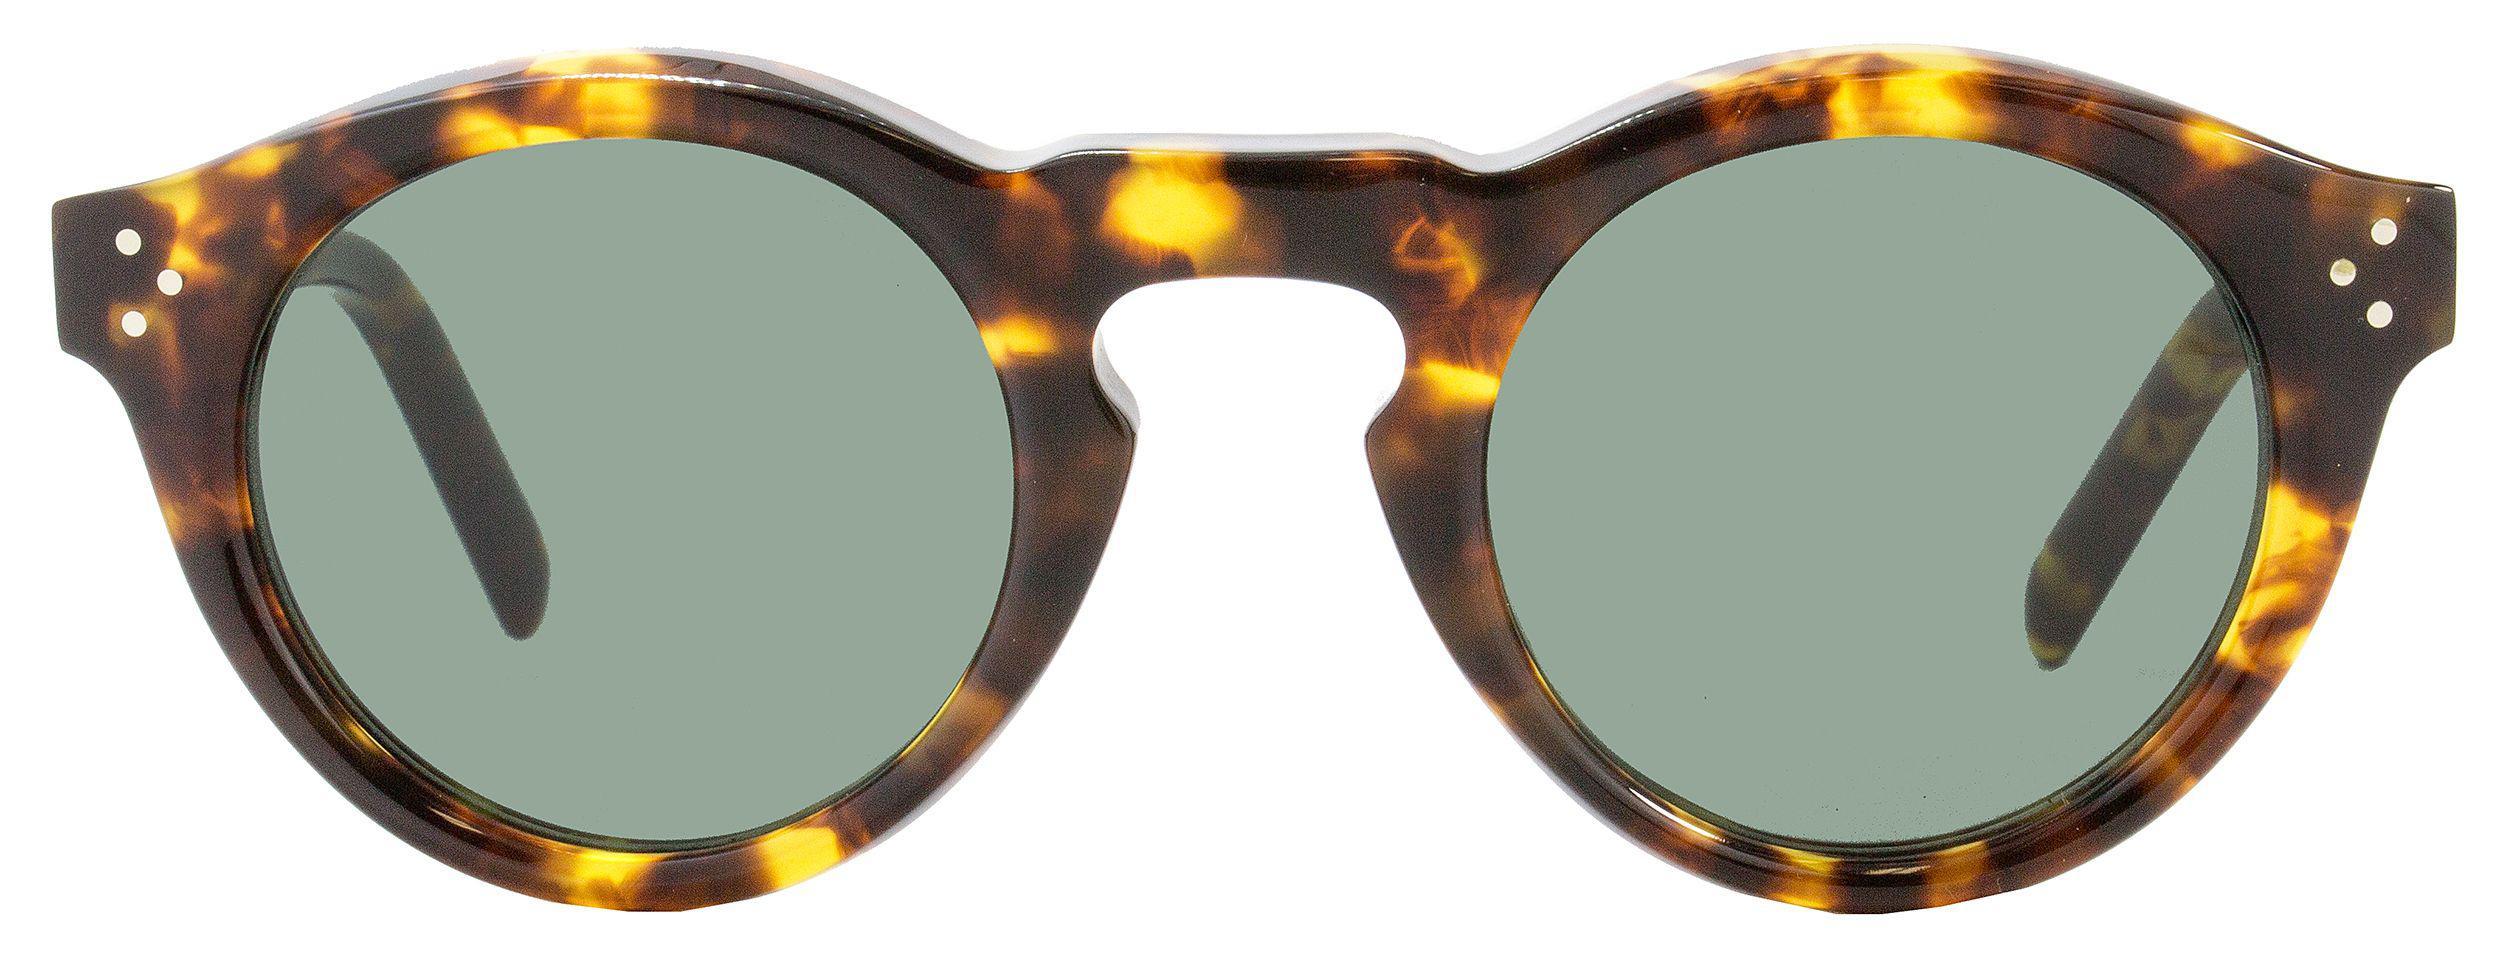 27fe6f54c99d Céline - Multicolor Oval Sunglasses Cl41370s E8885 Blonde Tortoise 41370 -  Lyst. View fullscreen